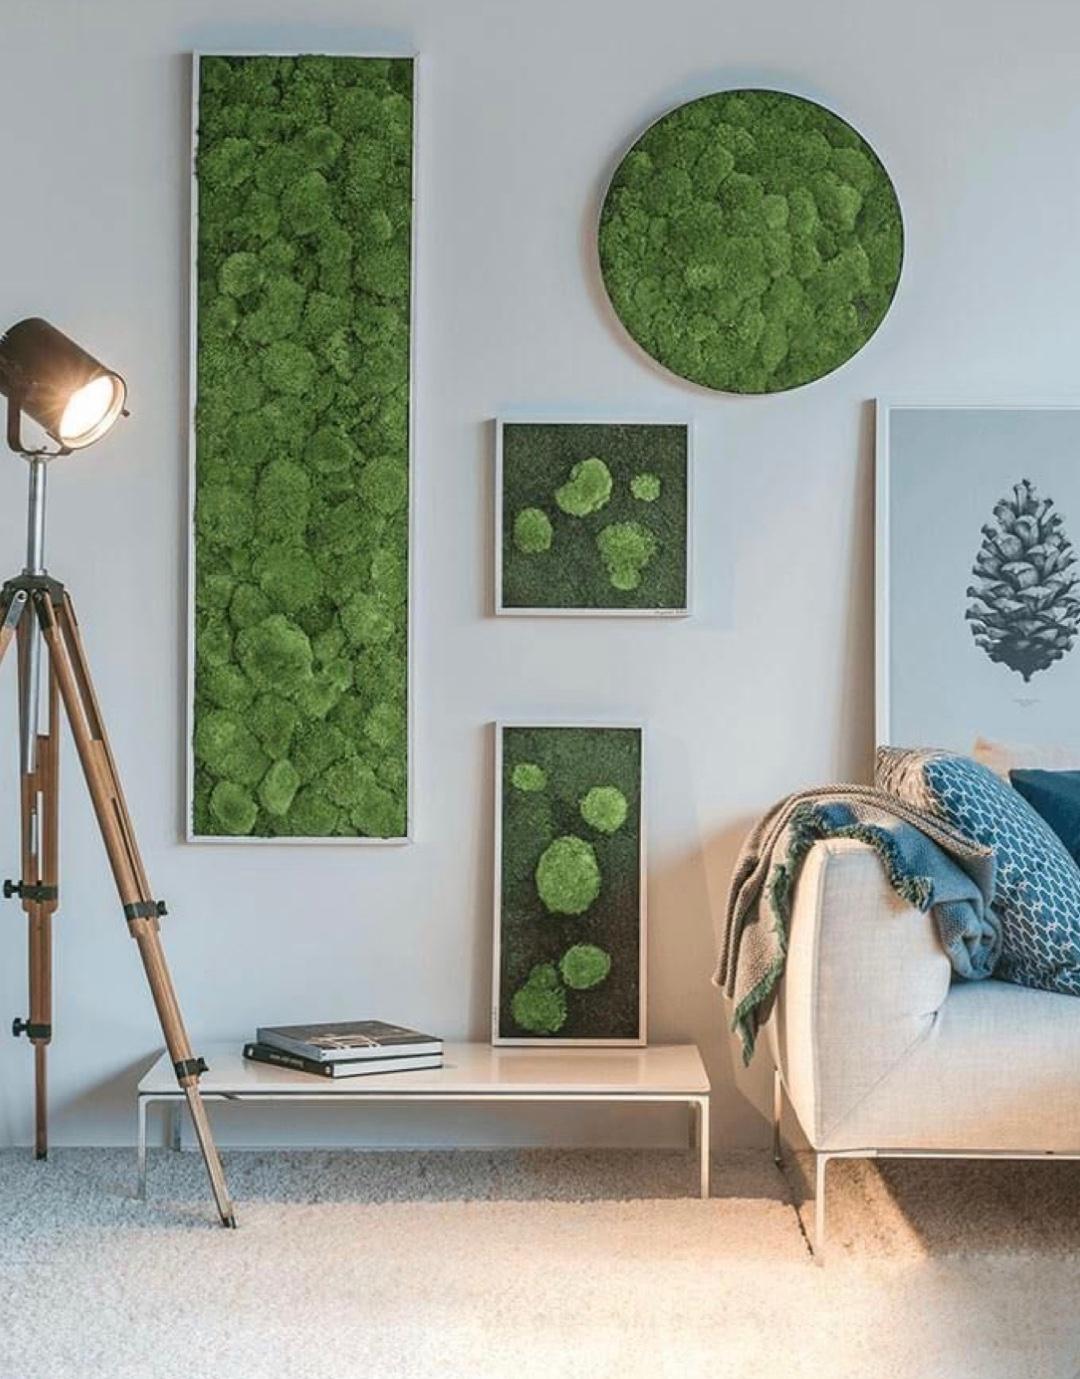 Z lesa rovnou na zeď: DIY mechový obraz vyčarujete za pár minut!